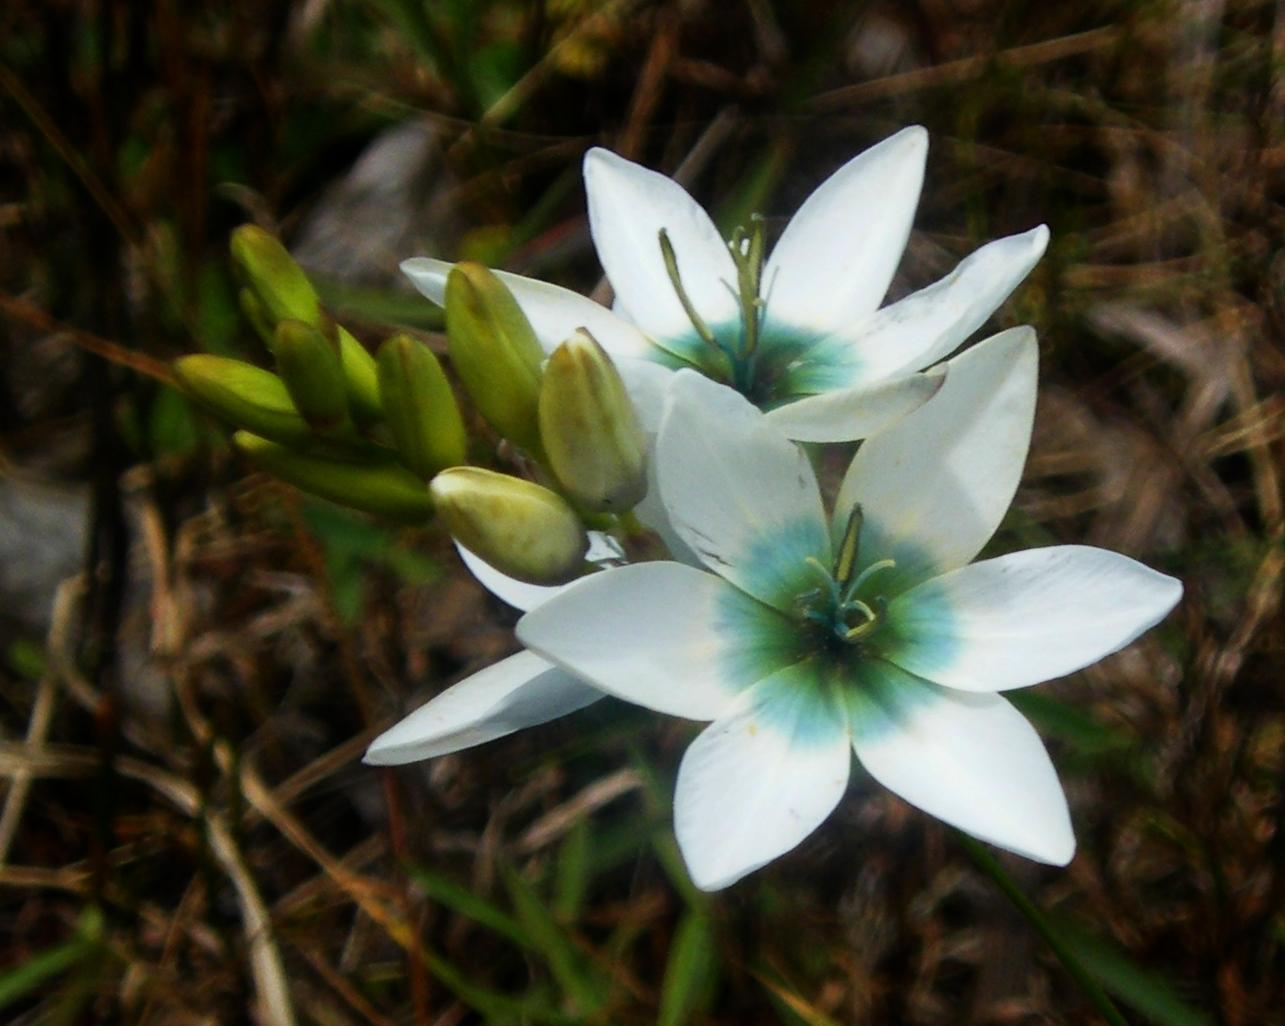 Иксия: посадка и уход за экзотическим цветком в открытом грунте, фото